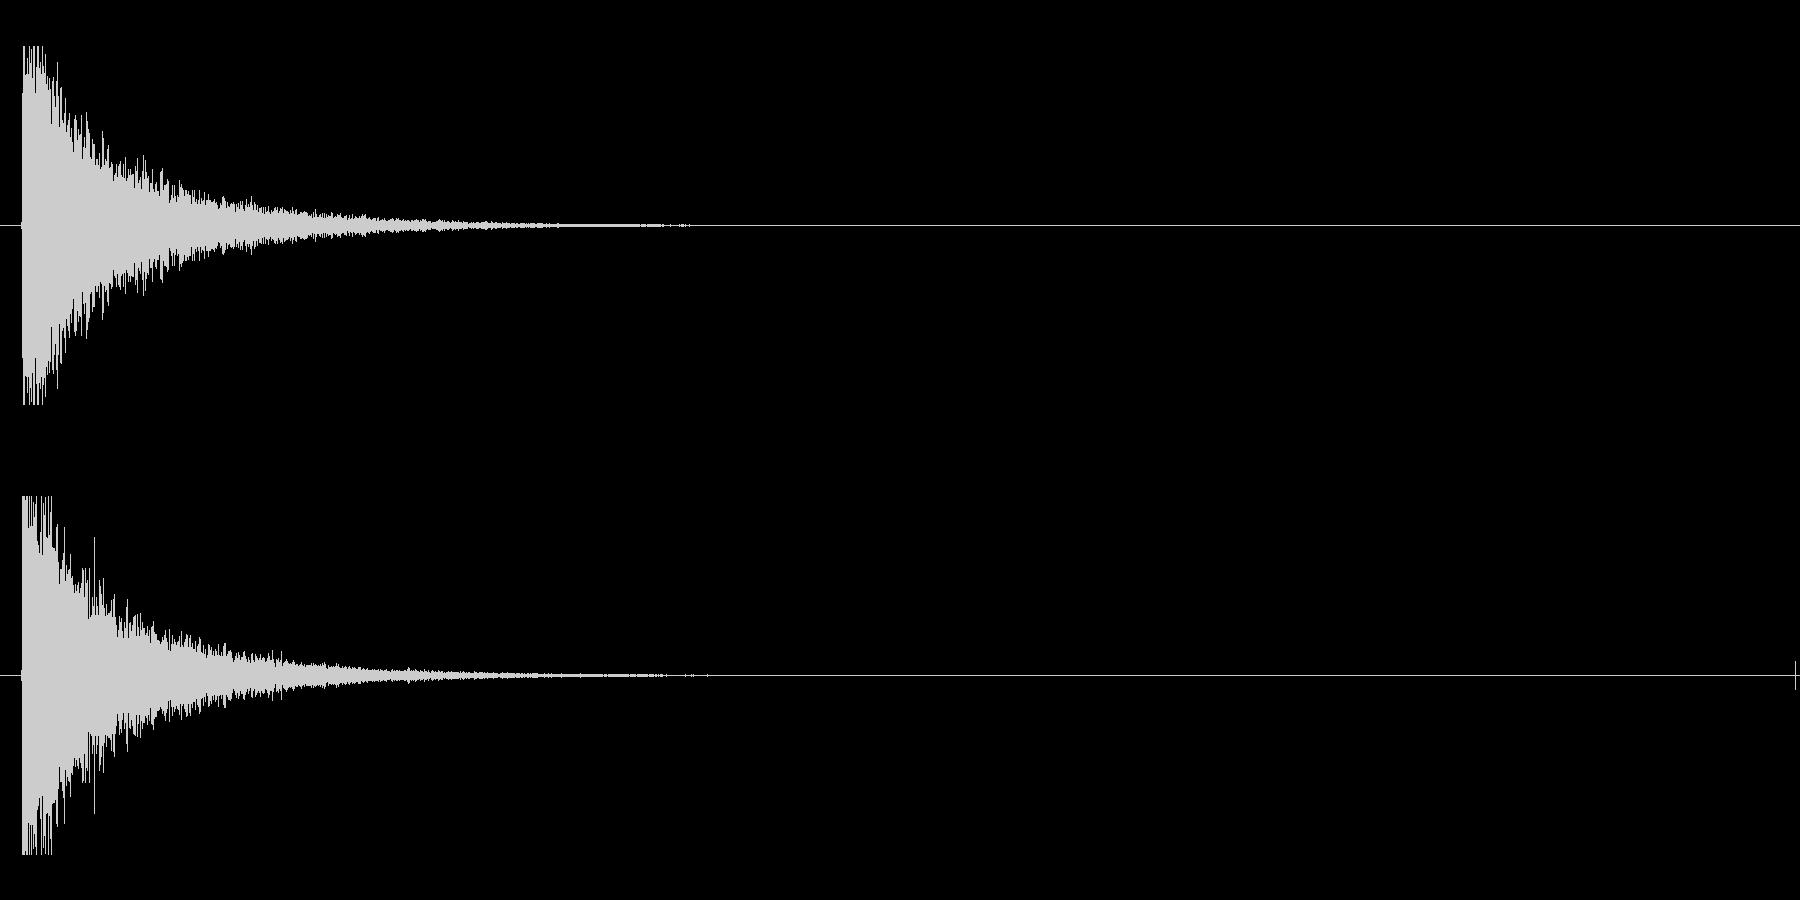 レーザー音-90-1の未再生の波形